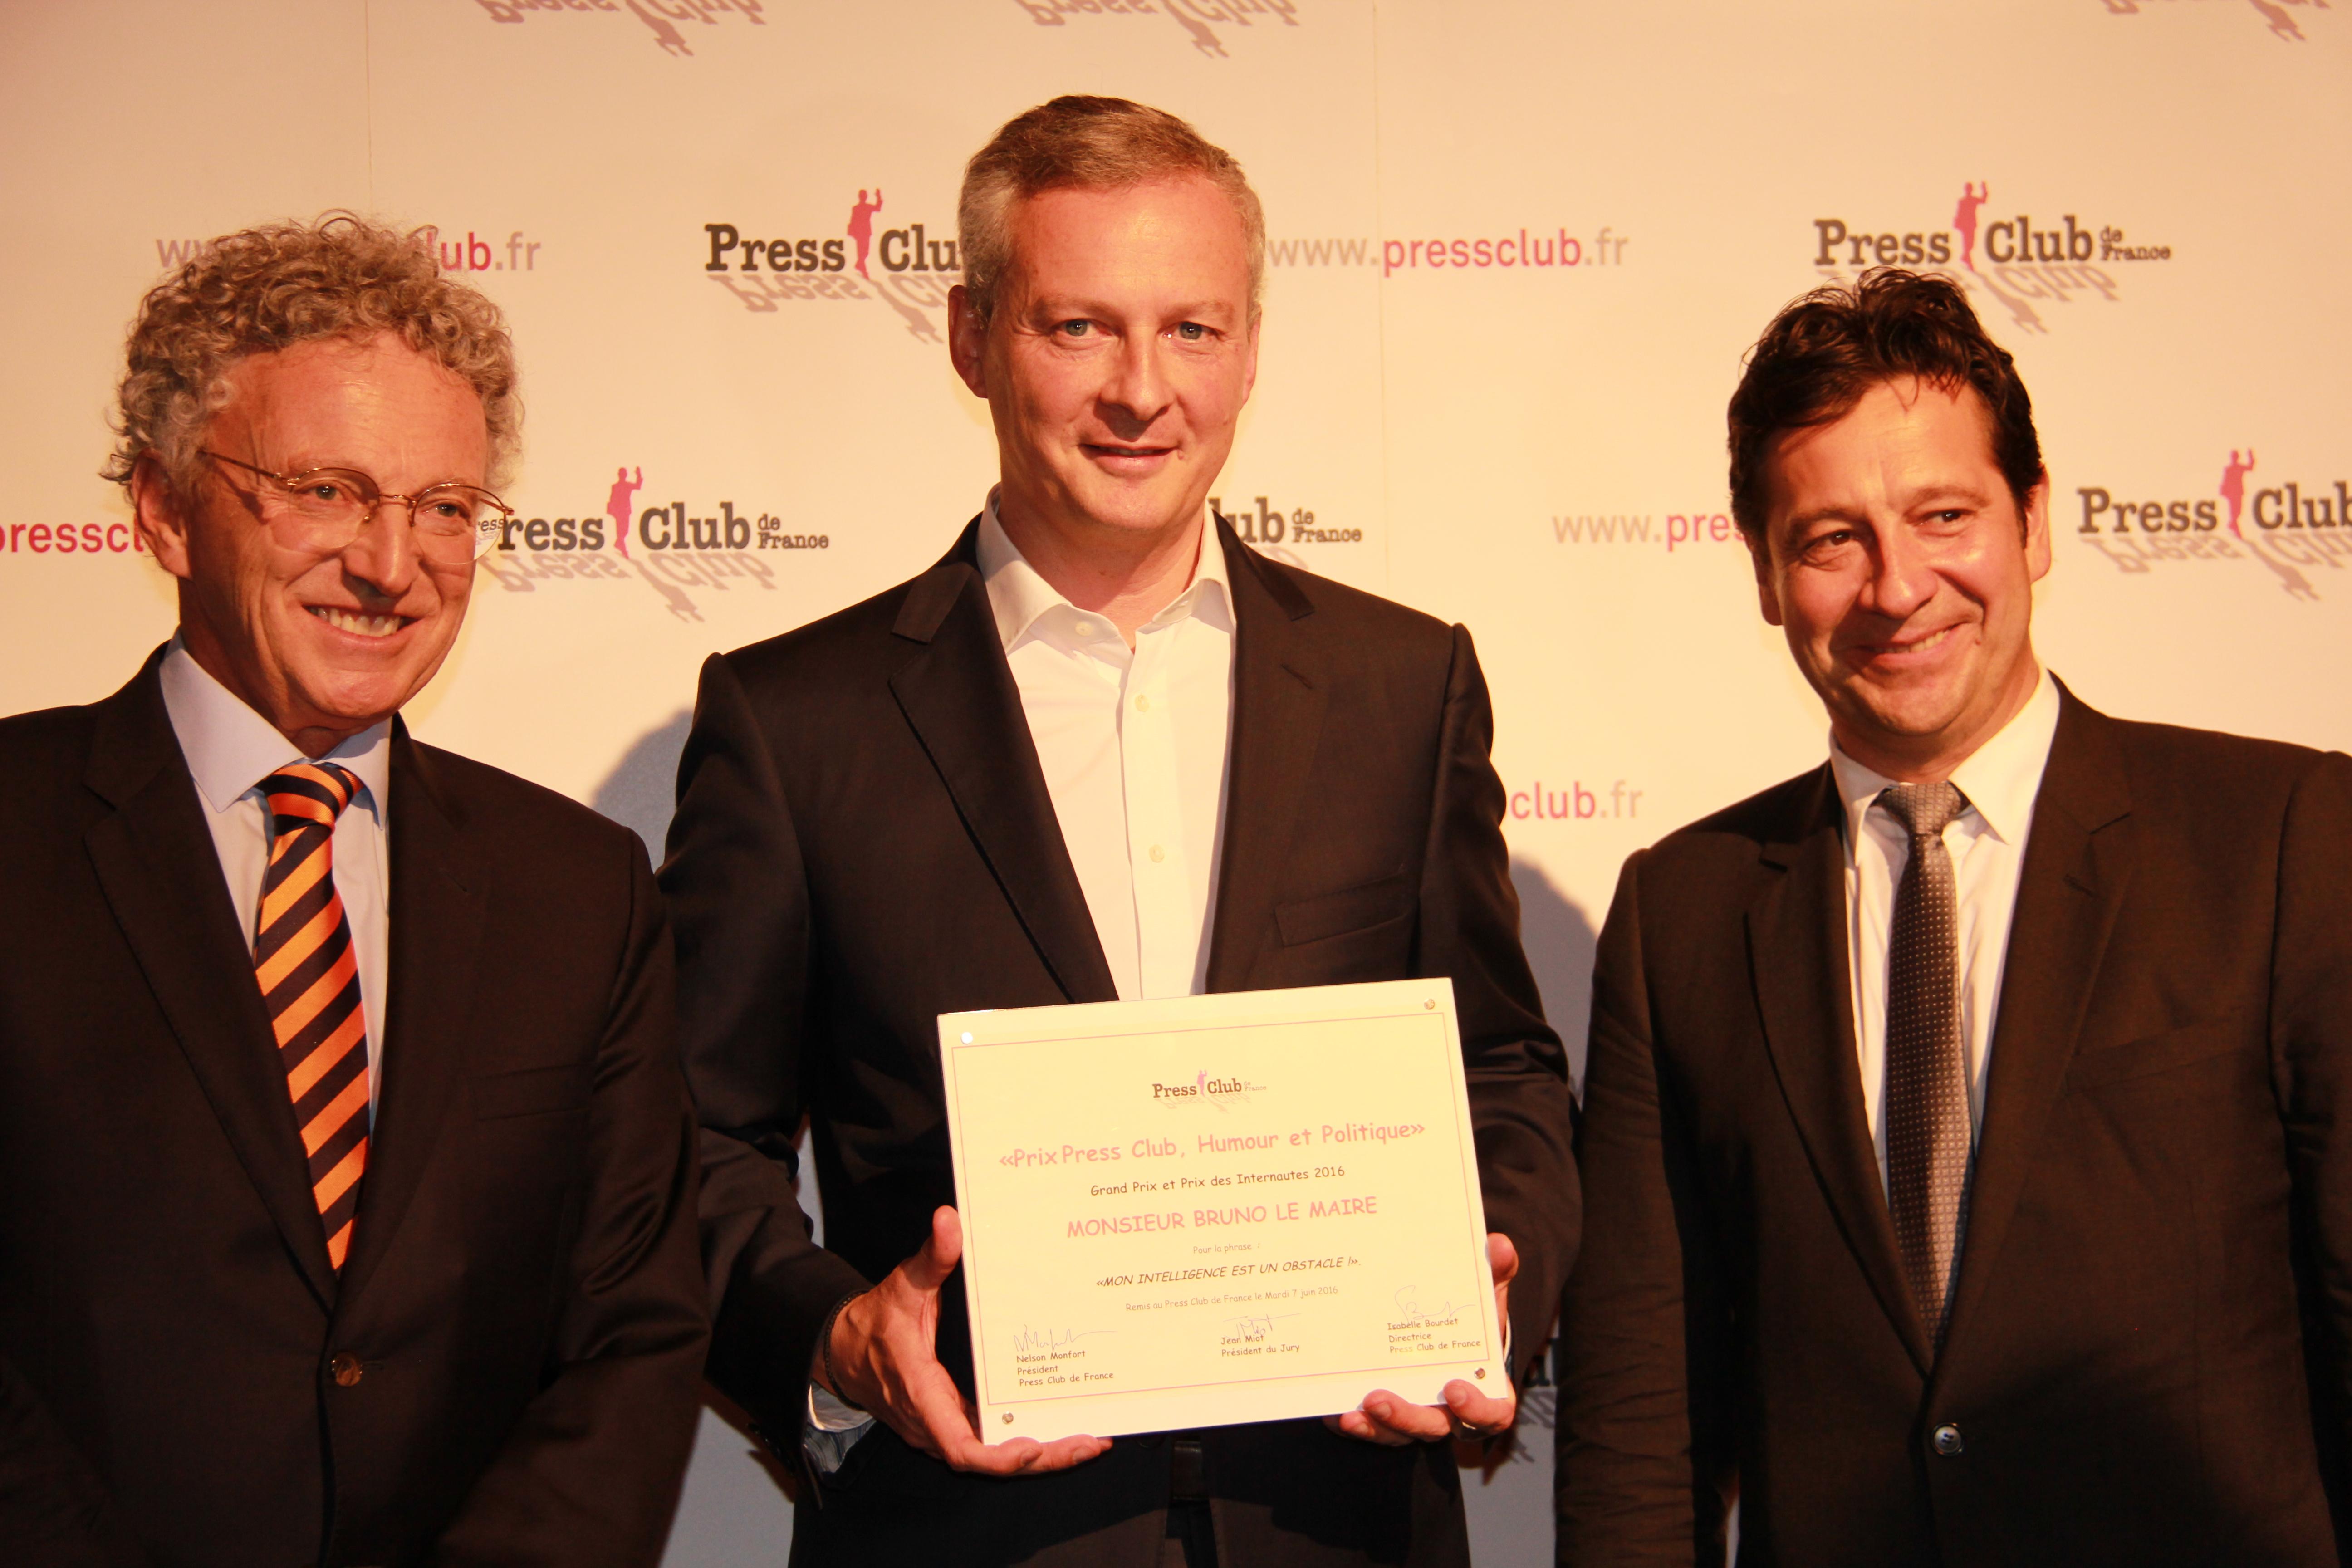 Nelson Monfort - France Télévisions et Président du Press Club, Bruno Lemaire - Lauréat du Grand Prix Press Club, Humour et Politique 2016 et Laurent Gerra